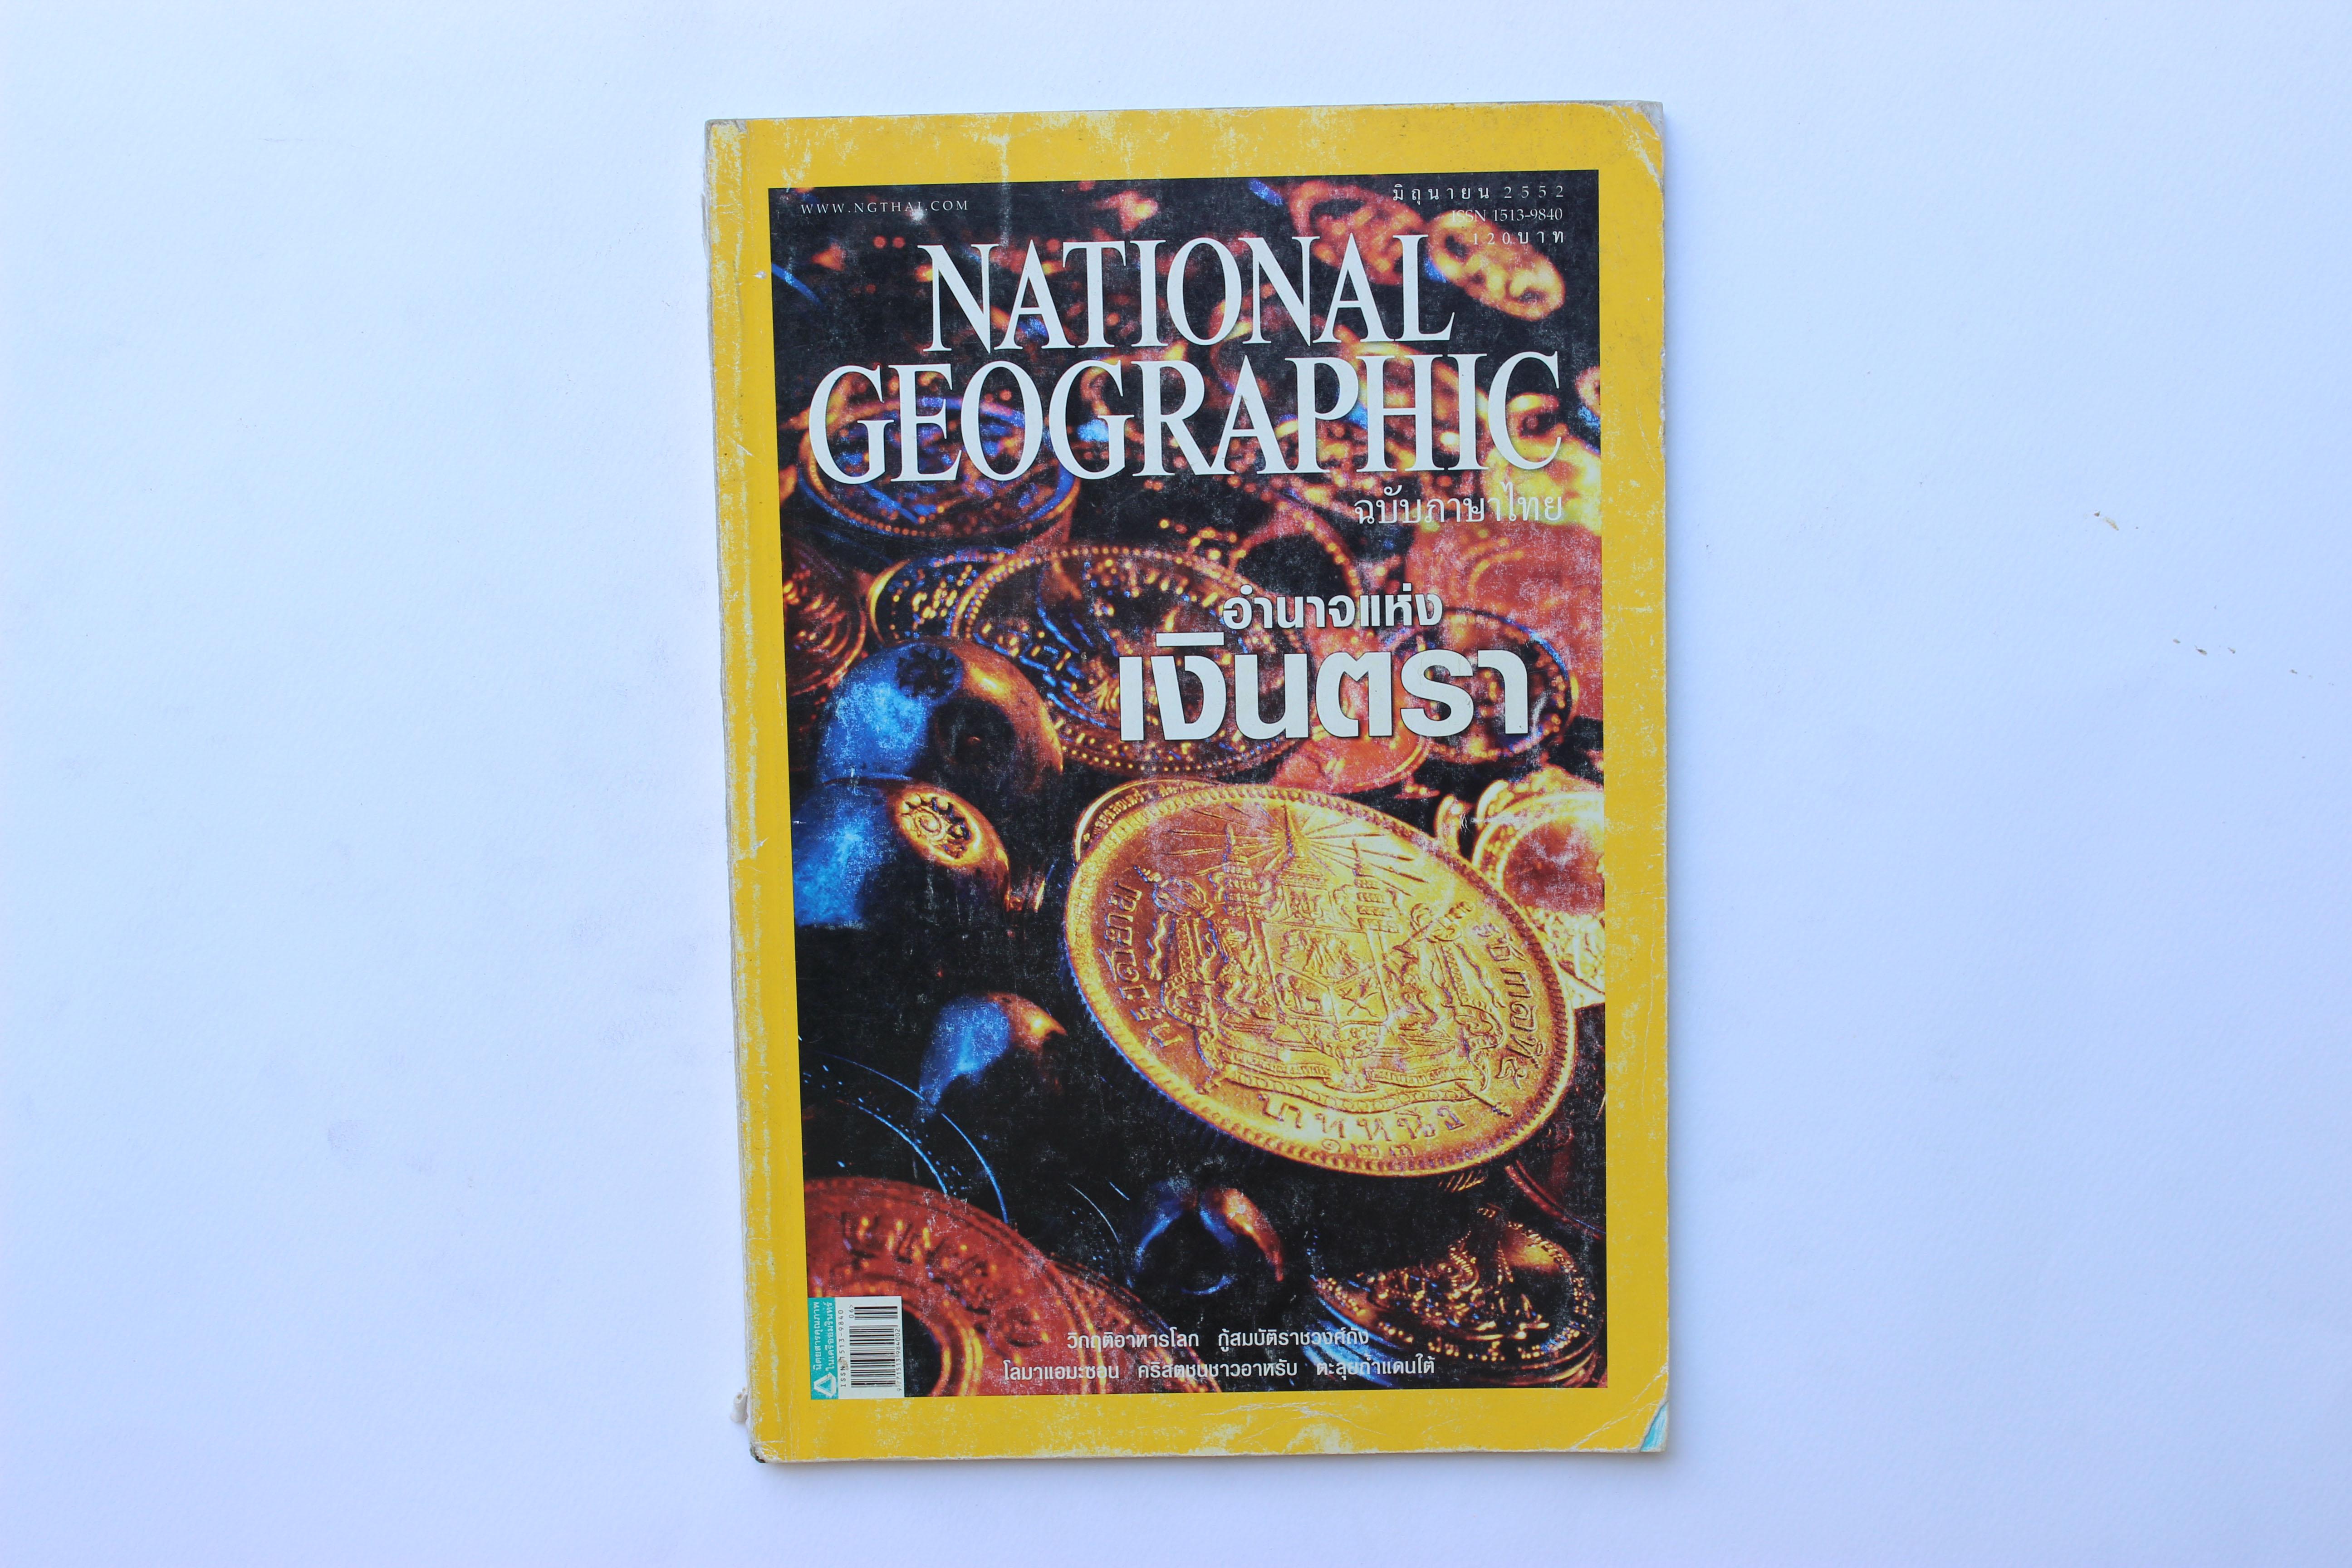 NATIONAL GEOGRAPHIC ฉบับภาษาไทย มิถุนายน 2552 อำนาจแห่งเงินตรา